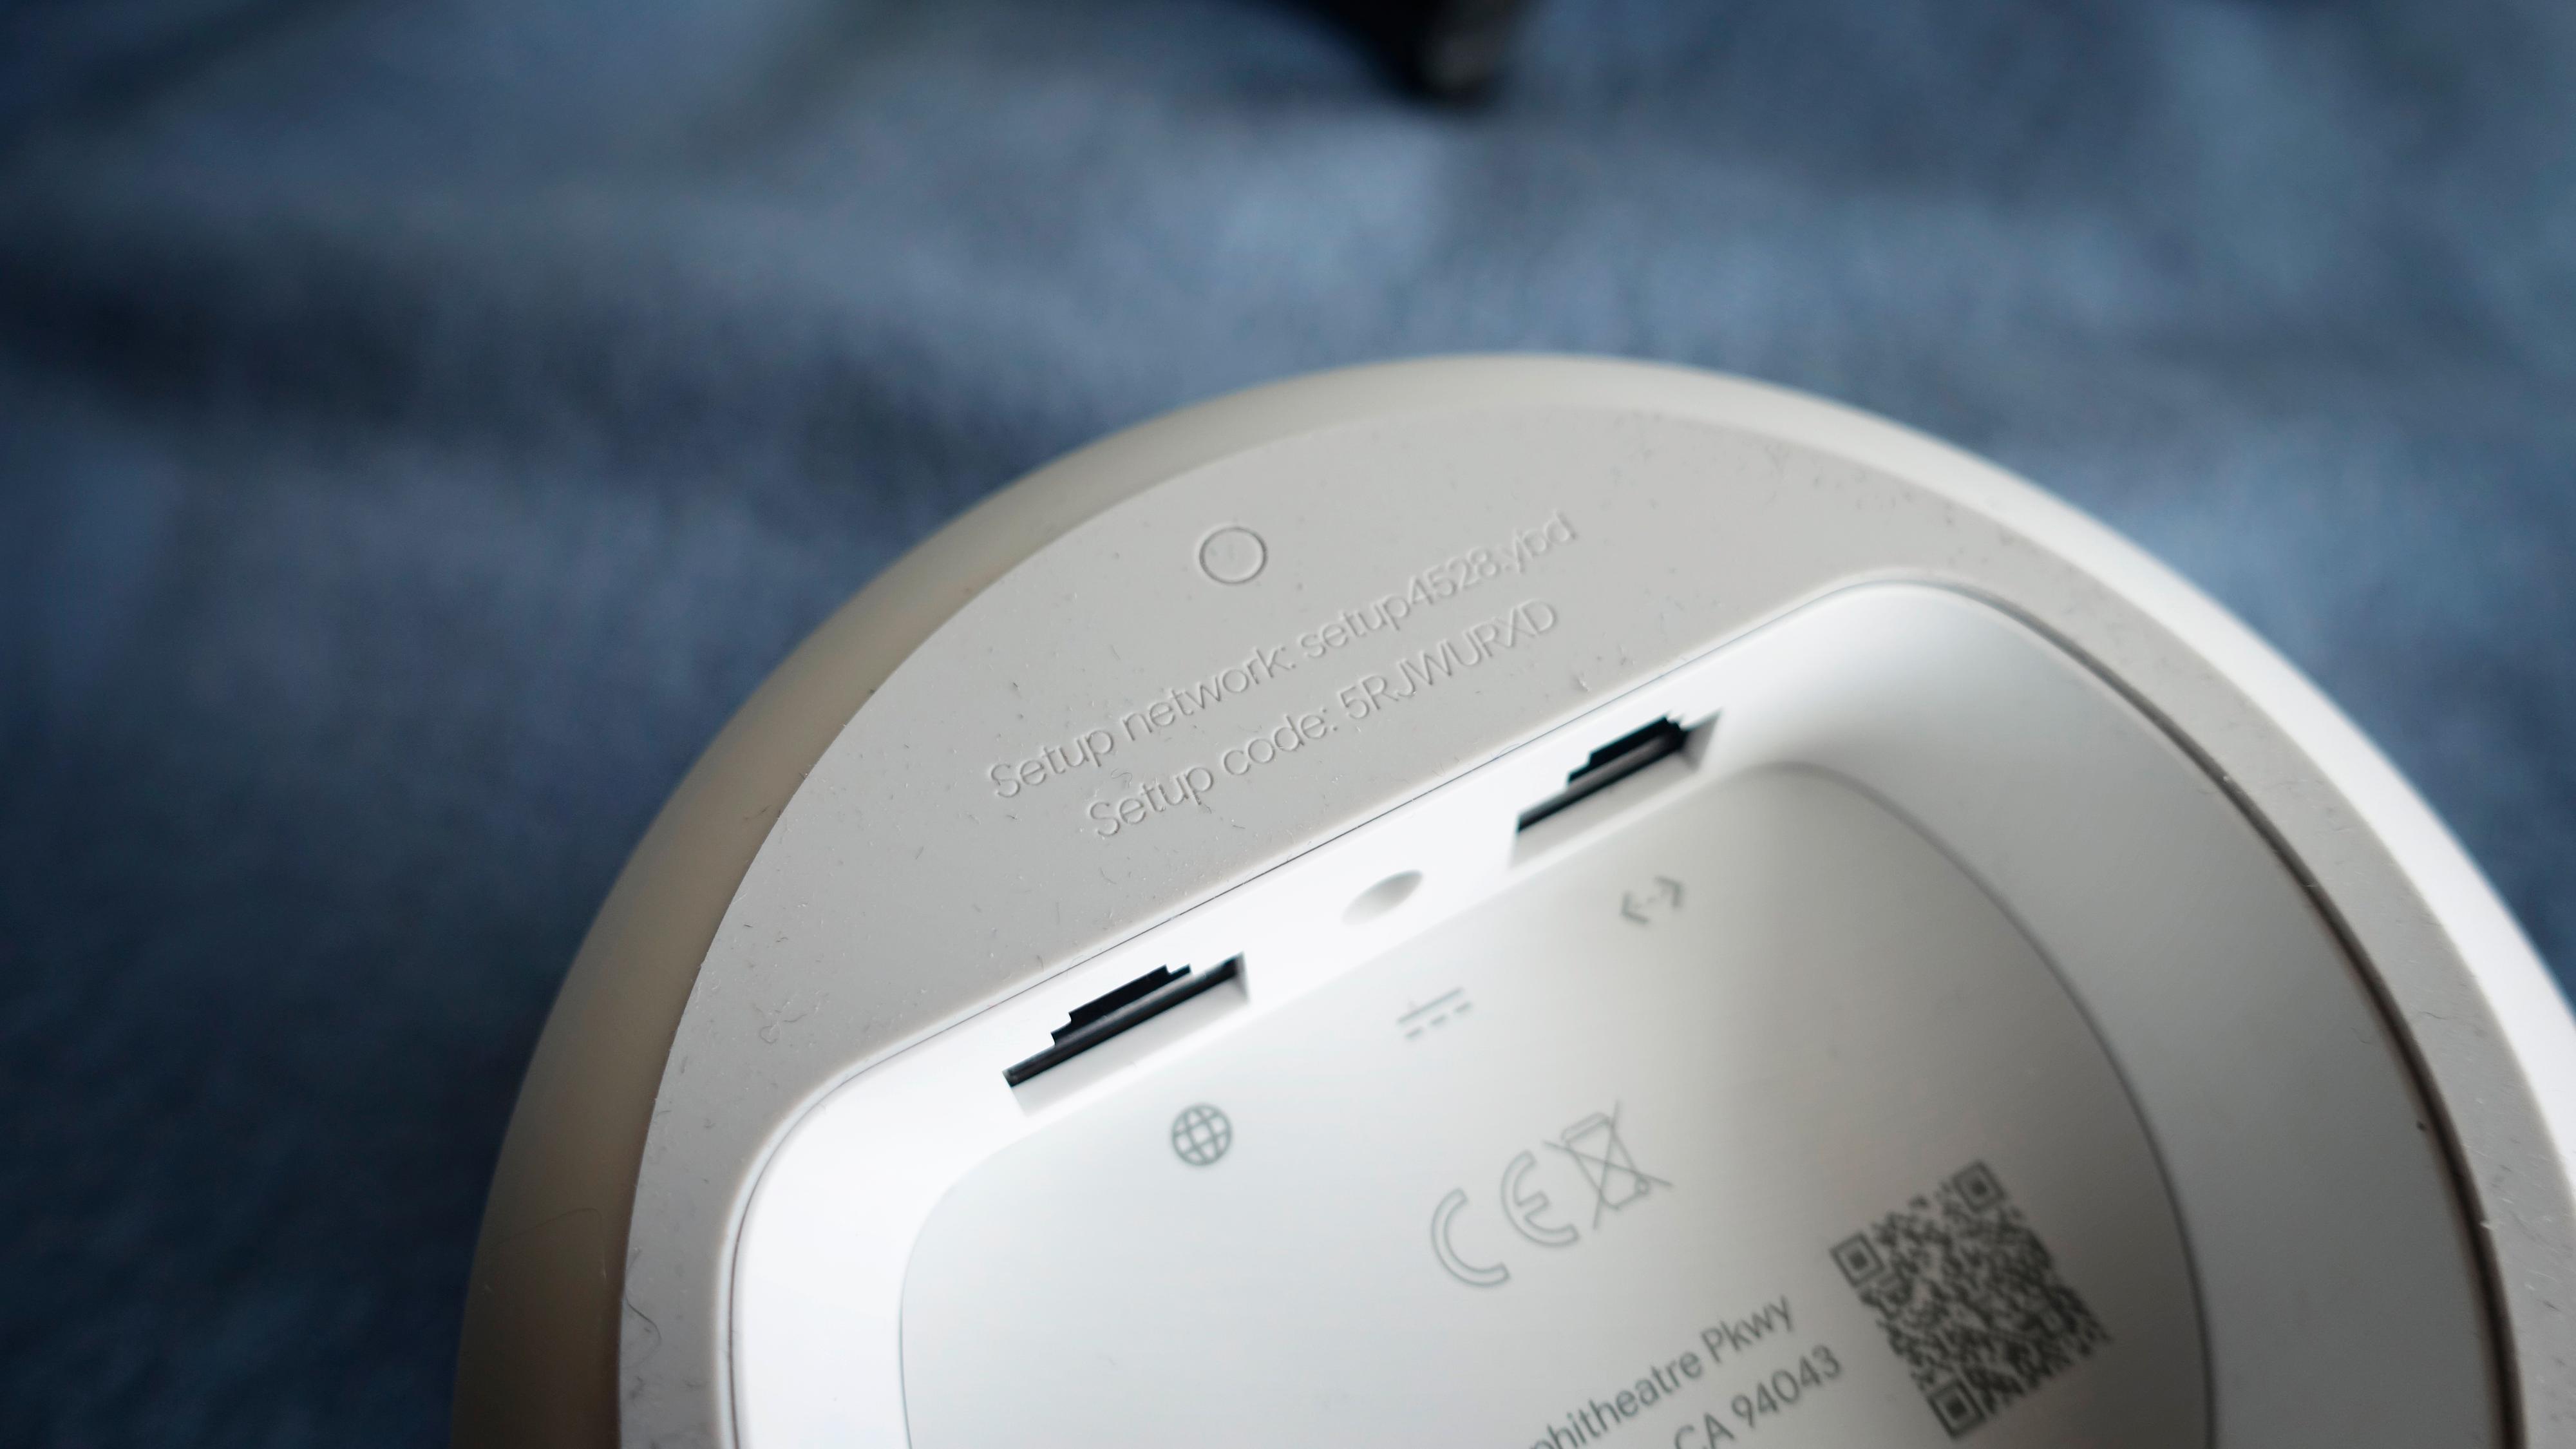 At standardnettverket er preget inn i gummien (som også er en støvmagnet uten like) er litt stilig. To ethernet-porter er imidlertid tynt, spesielt siden den ene går til internettilkoblingen.